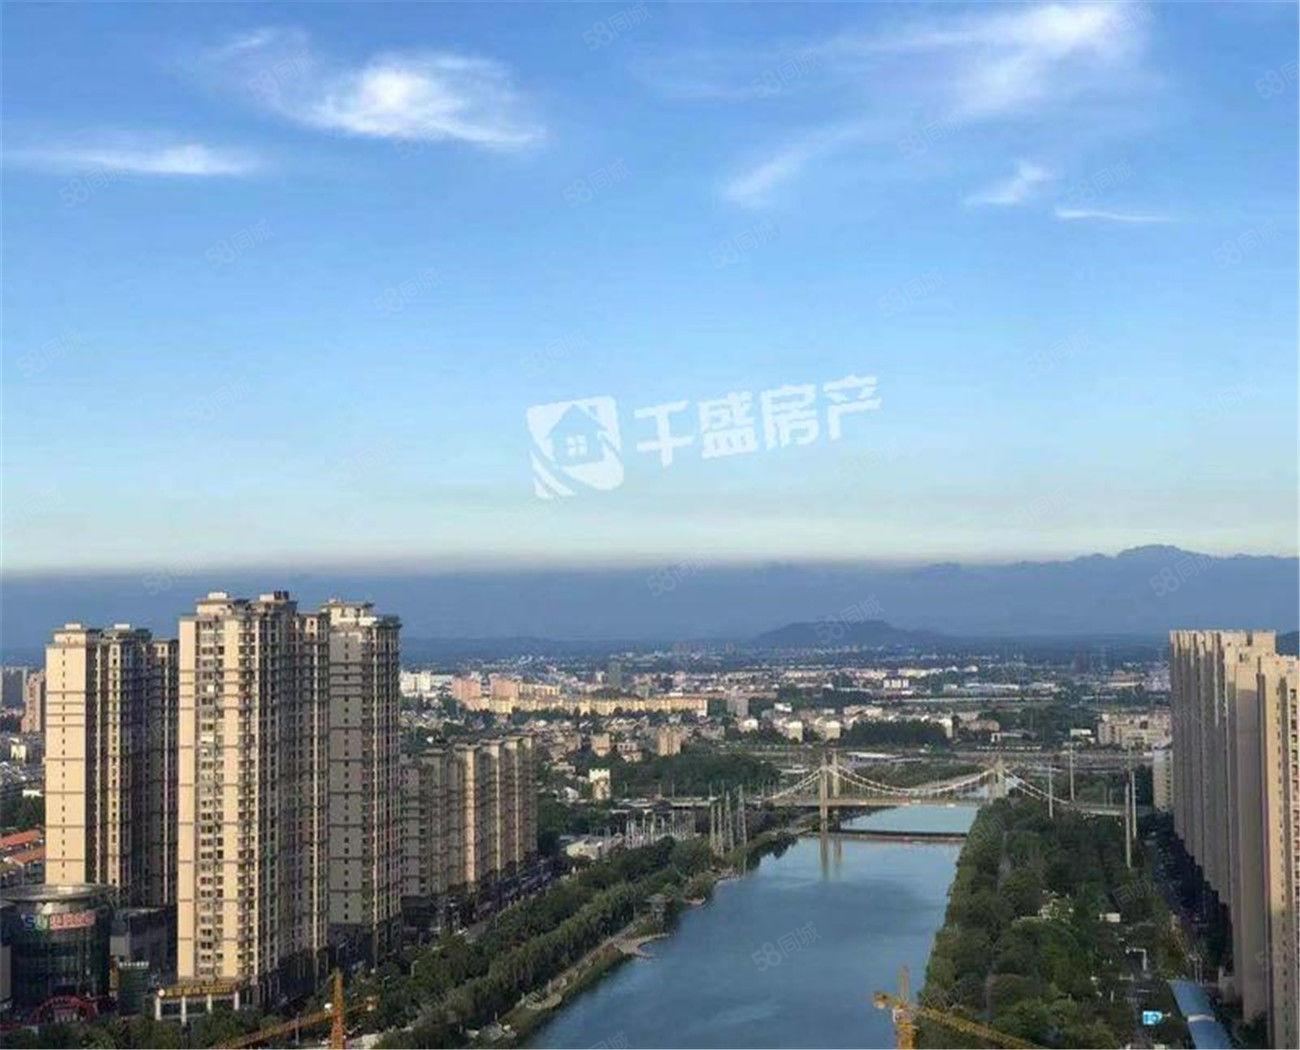 匯錦水岸一線觀景大美三房單價1.76萬滿兩年極好視野